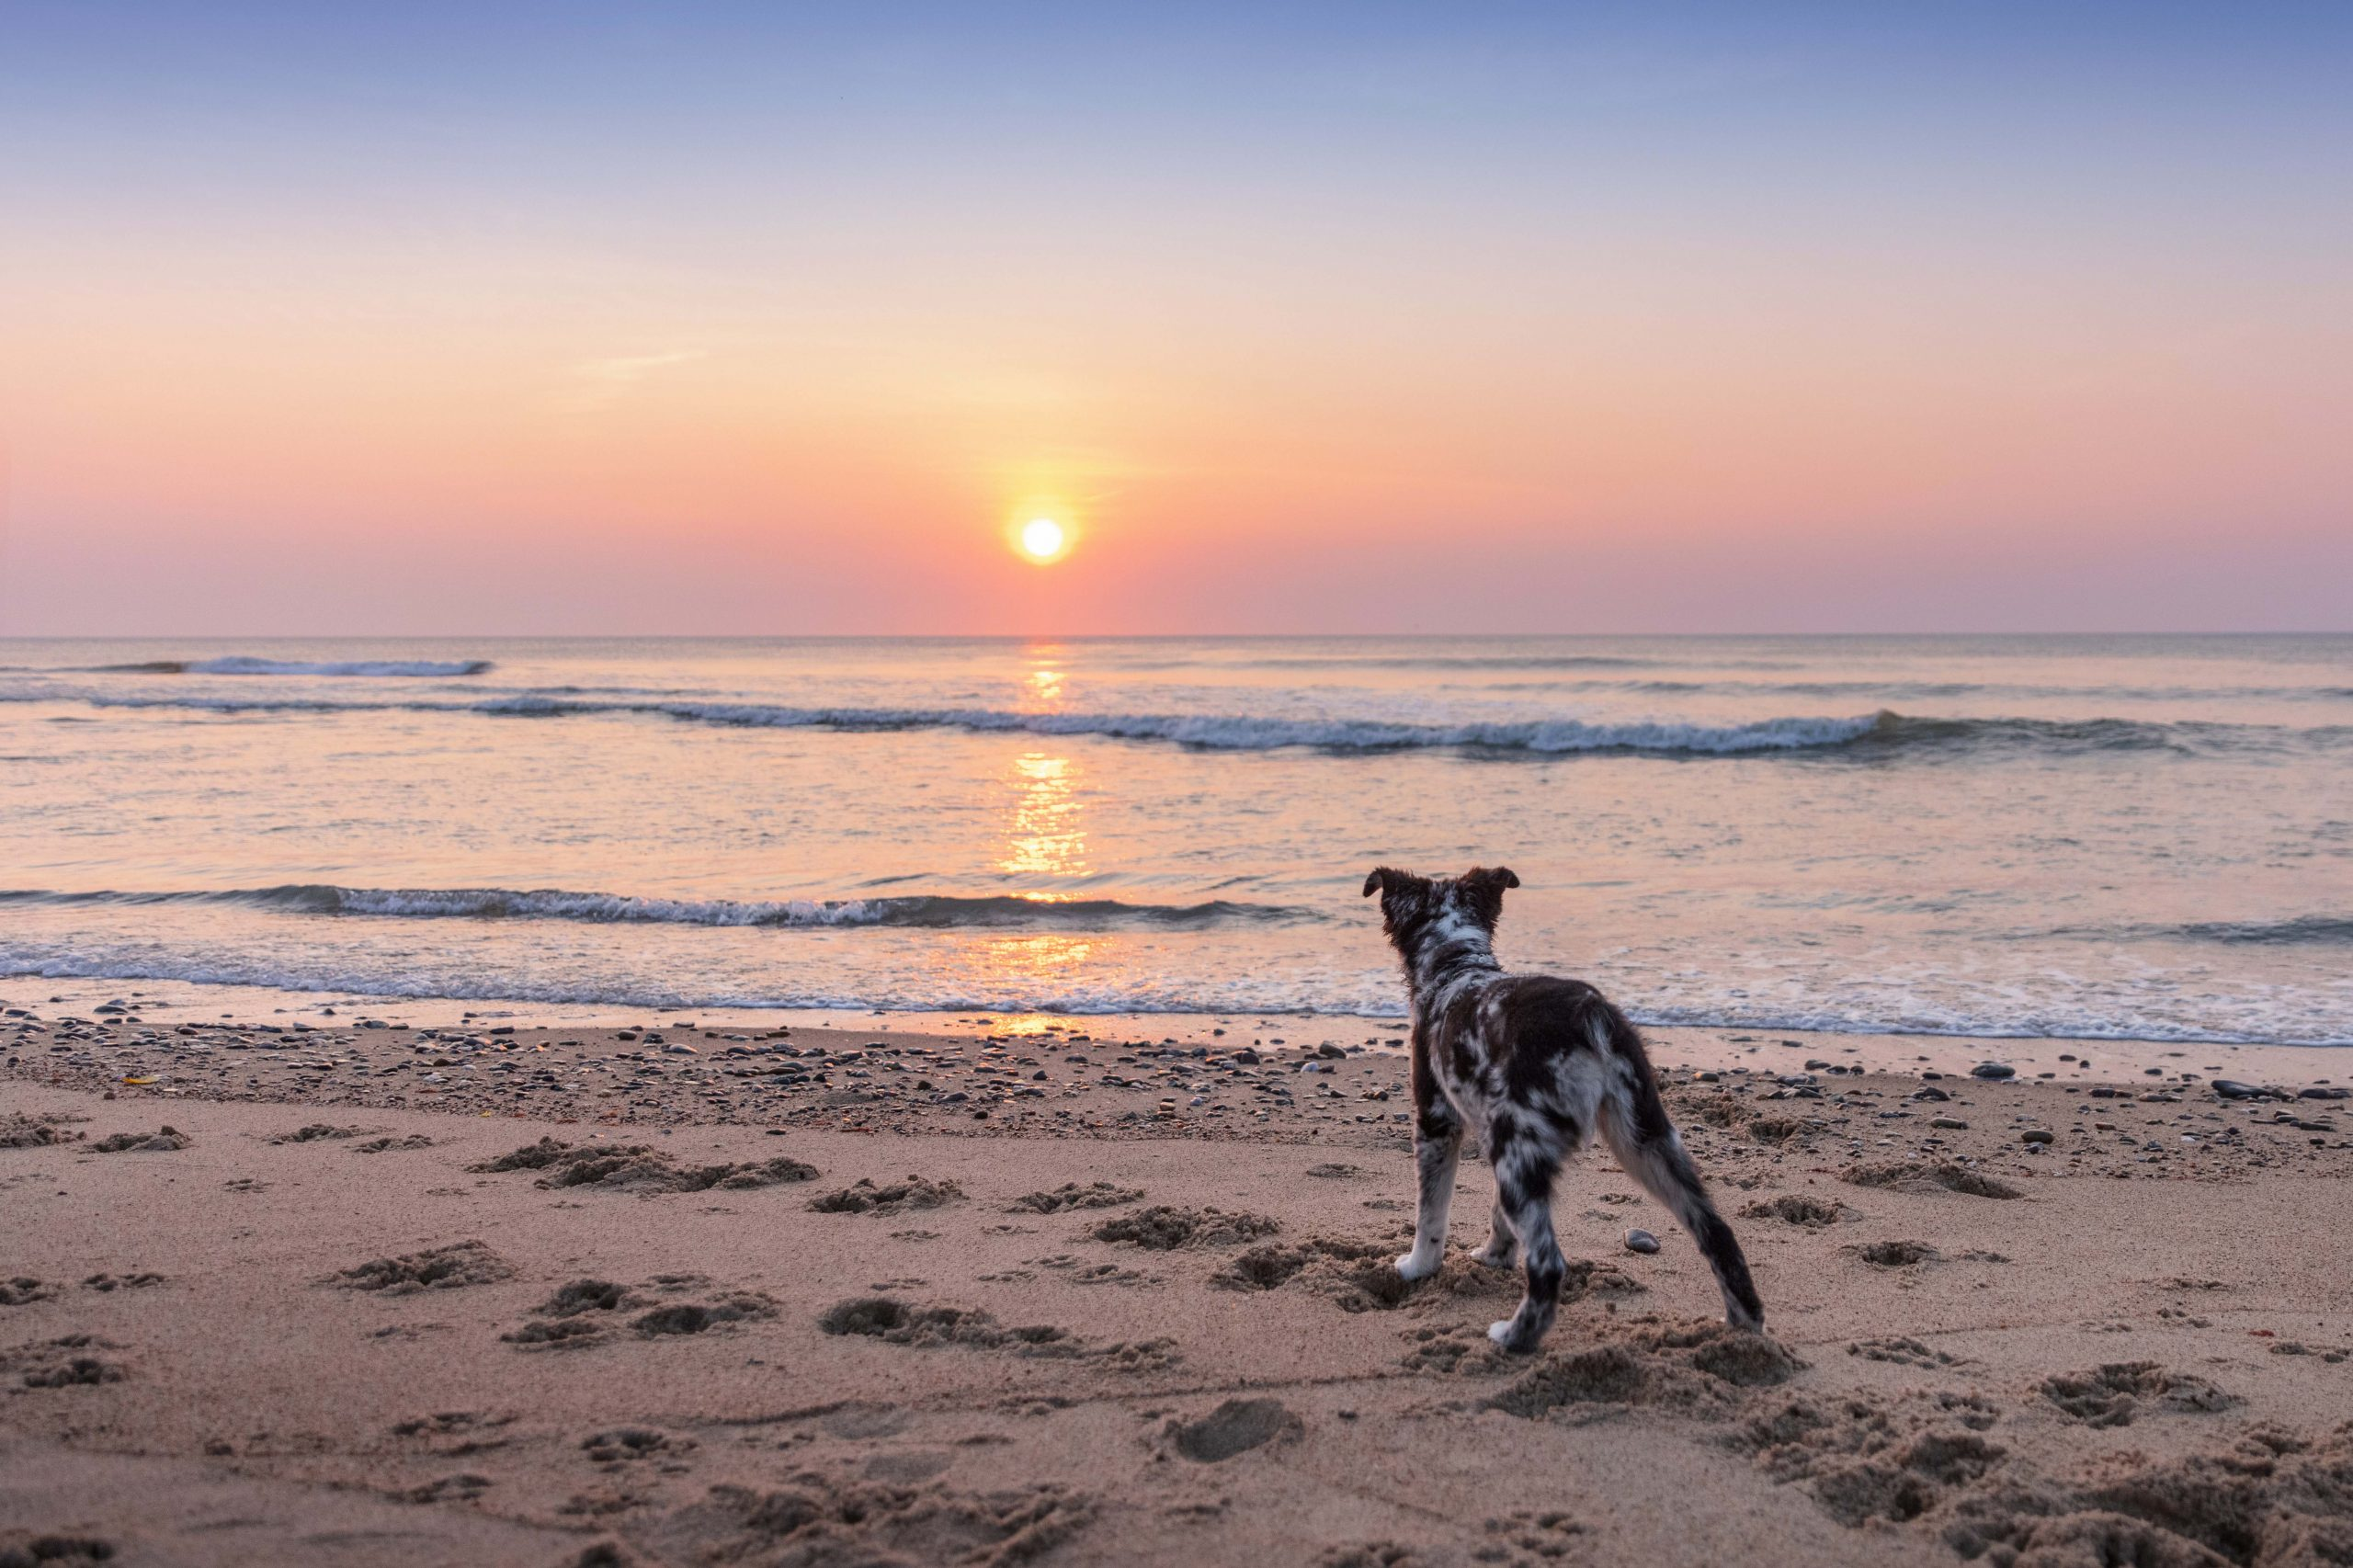 Aussie puppy looking at the ocean